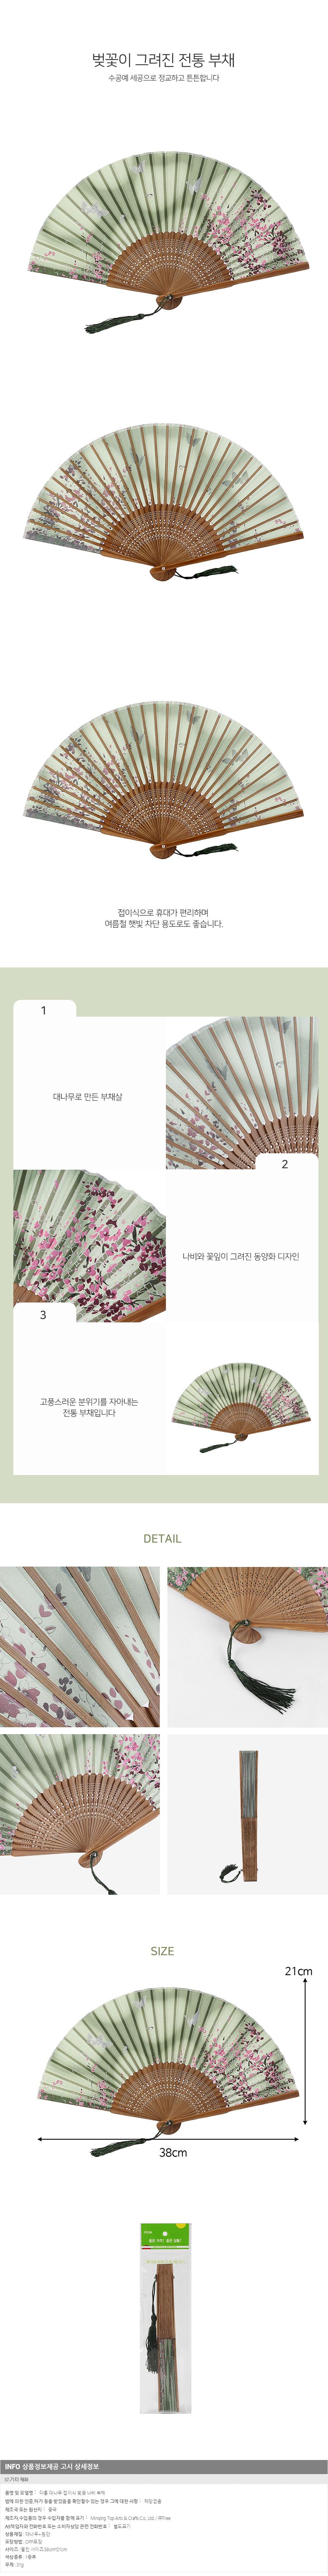 죽림 접이식 죽림 나비 부채(그린)/대나무 전통부채 - 기프트갓, 5,070원, 휴대아이템, 부채